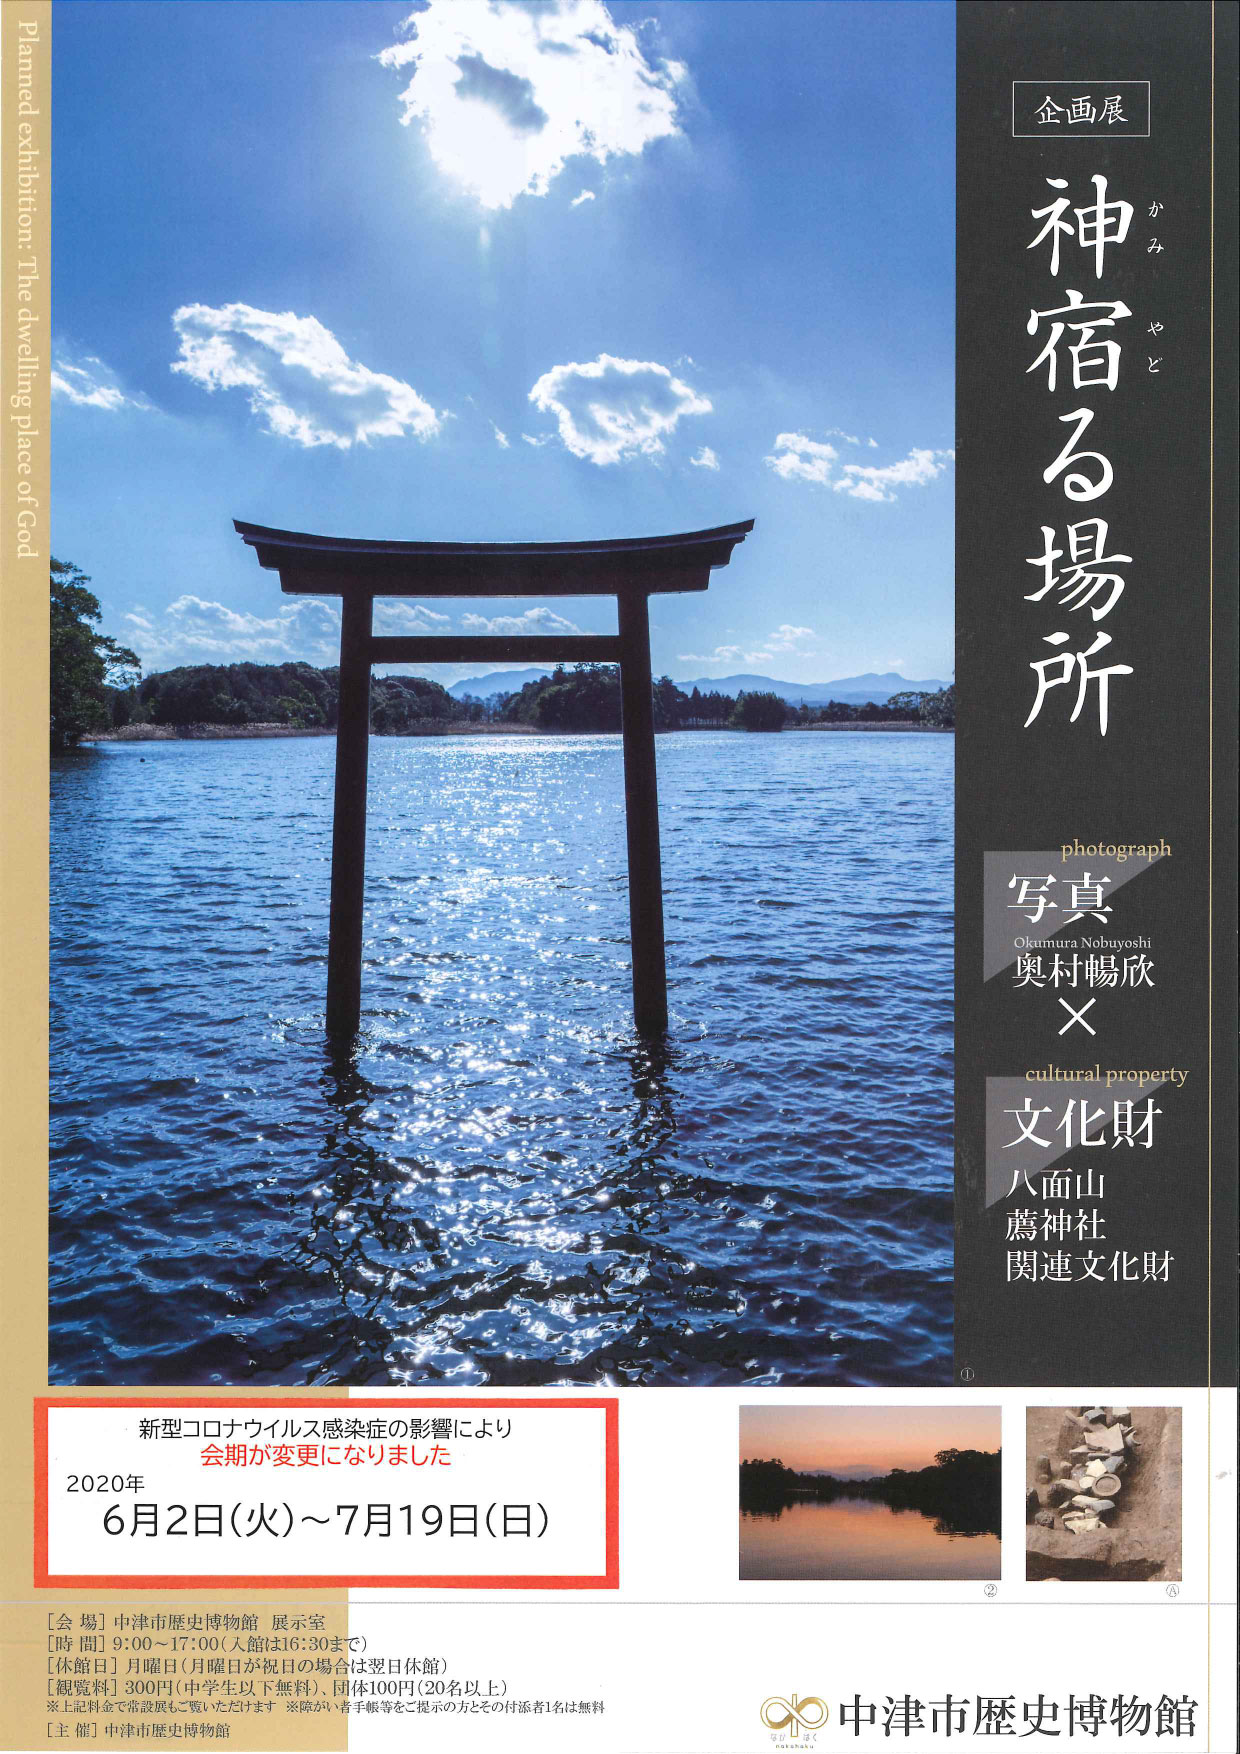 博物館 中津 歴史